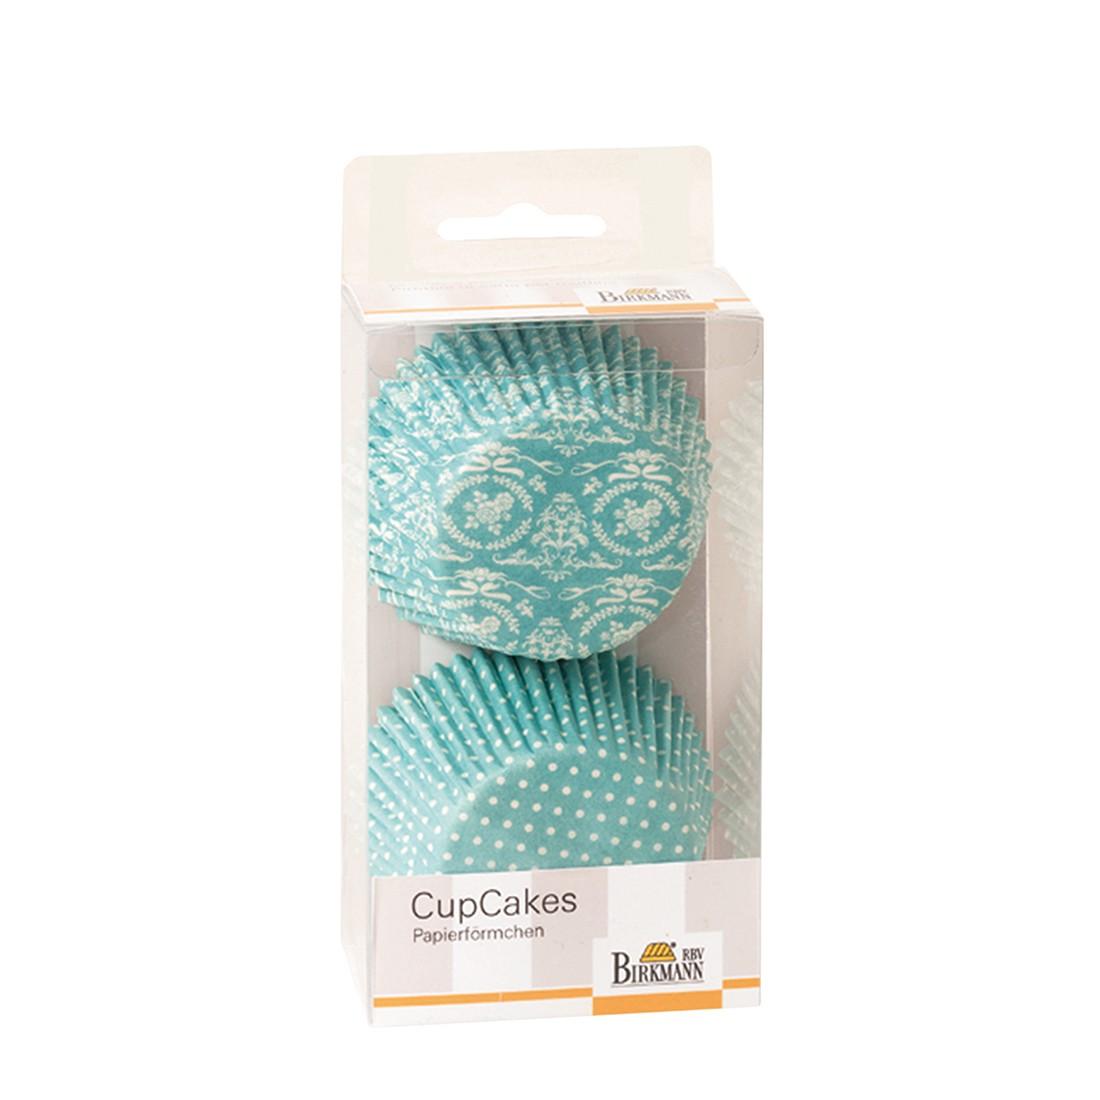 Papierförmchen Flower CupCake – 48 Stück, Birkmann online kaufen